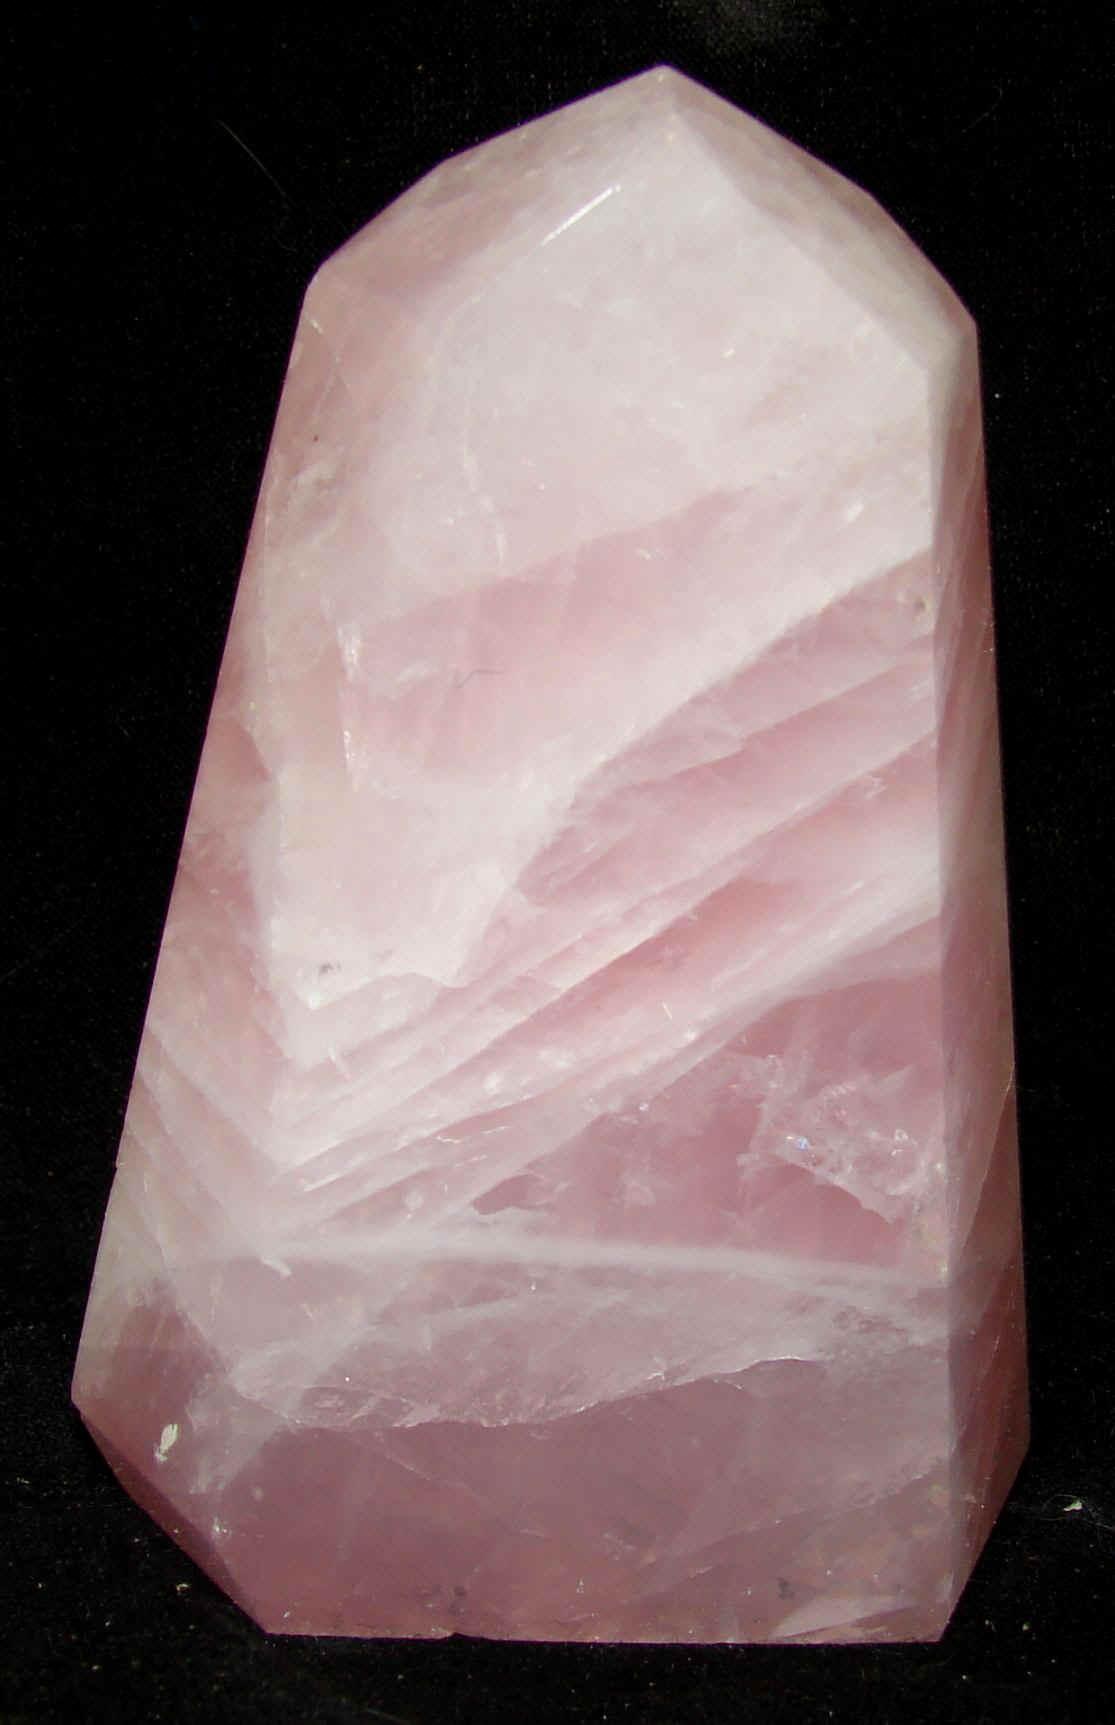 http://www.quartzcrystals.net/roseqtz-3.jpg (807370 bytes)